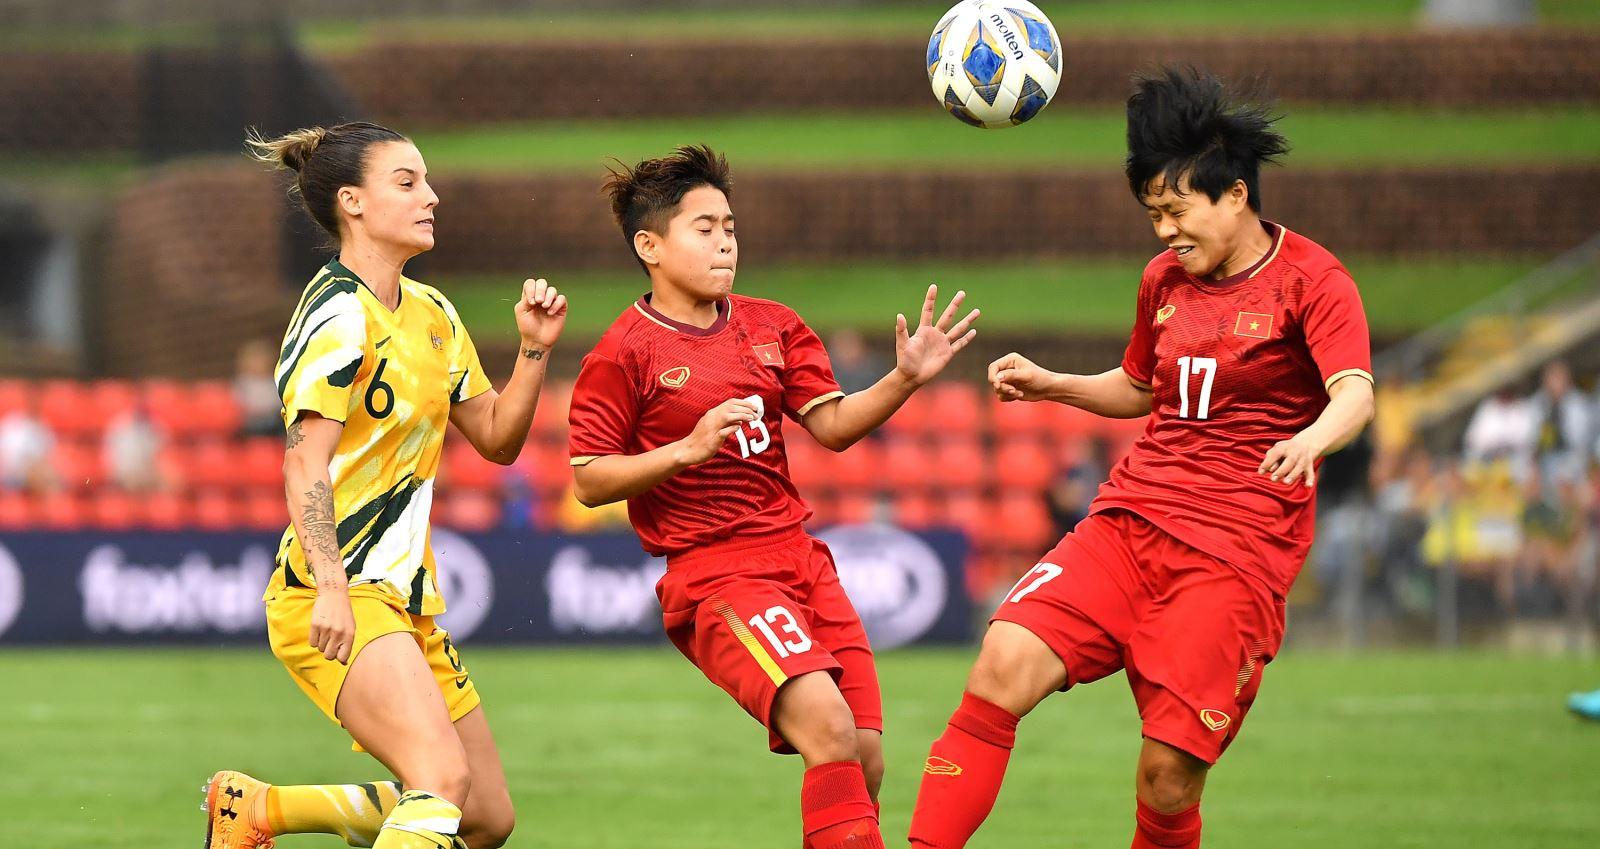 bóng đá Việt Nam, tin tức bóng đá, bong da, tin bong da, U22 VN, SEA Games, Park Hang Seo, DTVN, V League, lịch thi đấu bóng đá, kết quả bóng đá, VFF, VPF